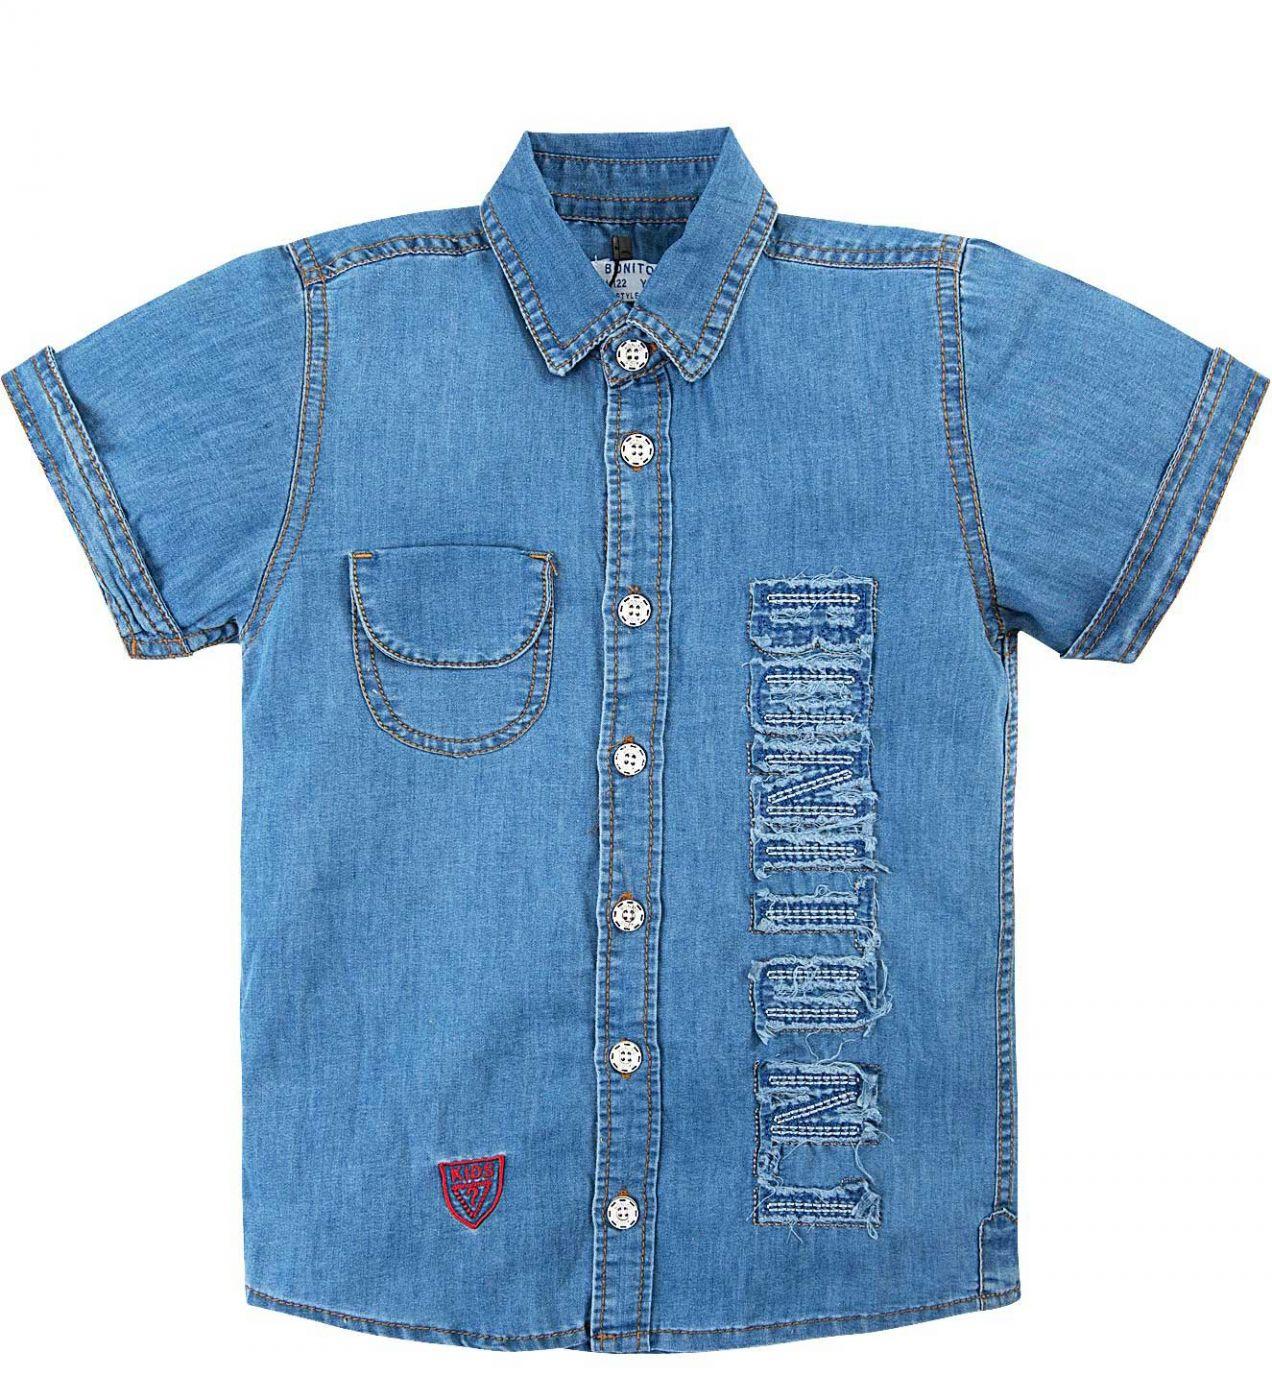 Джинсовая рубашка для мальчика Bonito Jeans голубой